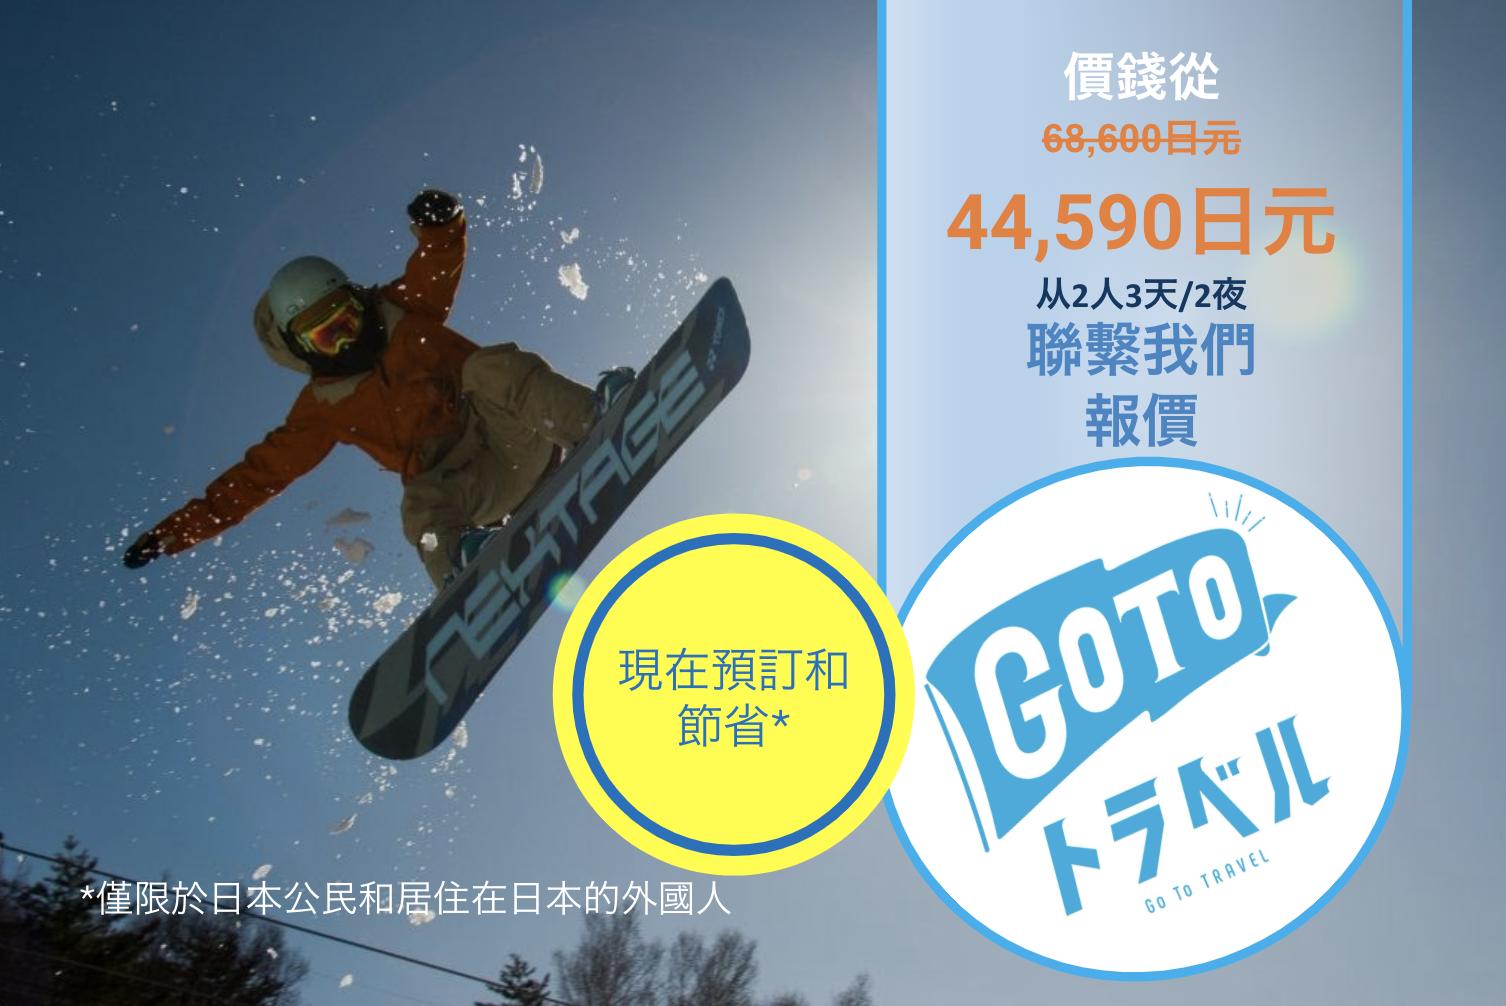 前往优惠活动:2020/21长野滑雪和单板滑雪配套